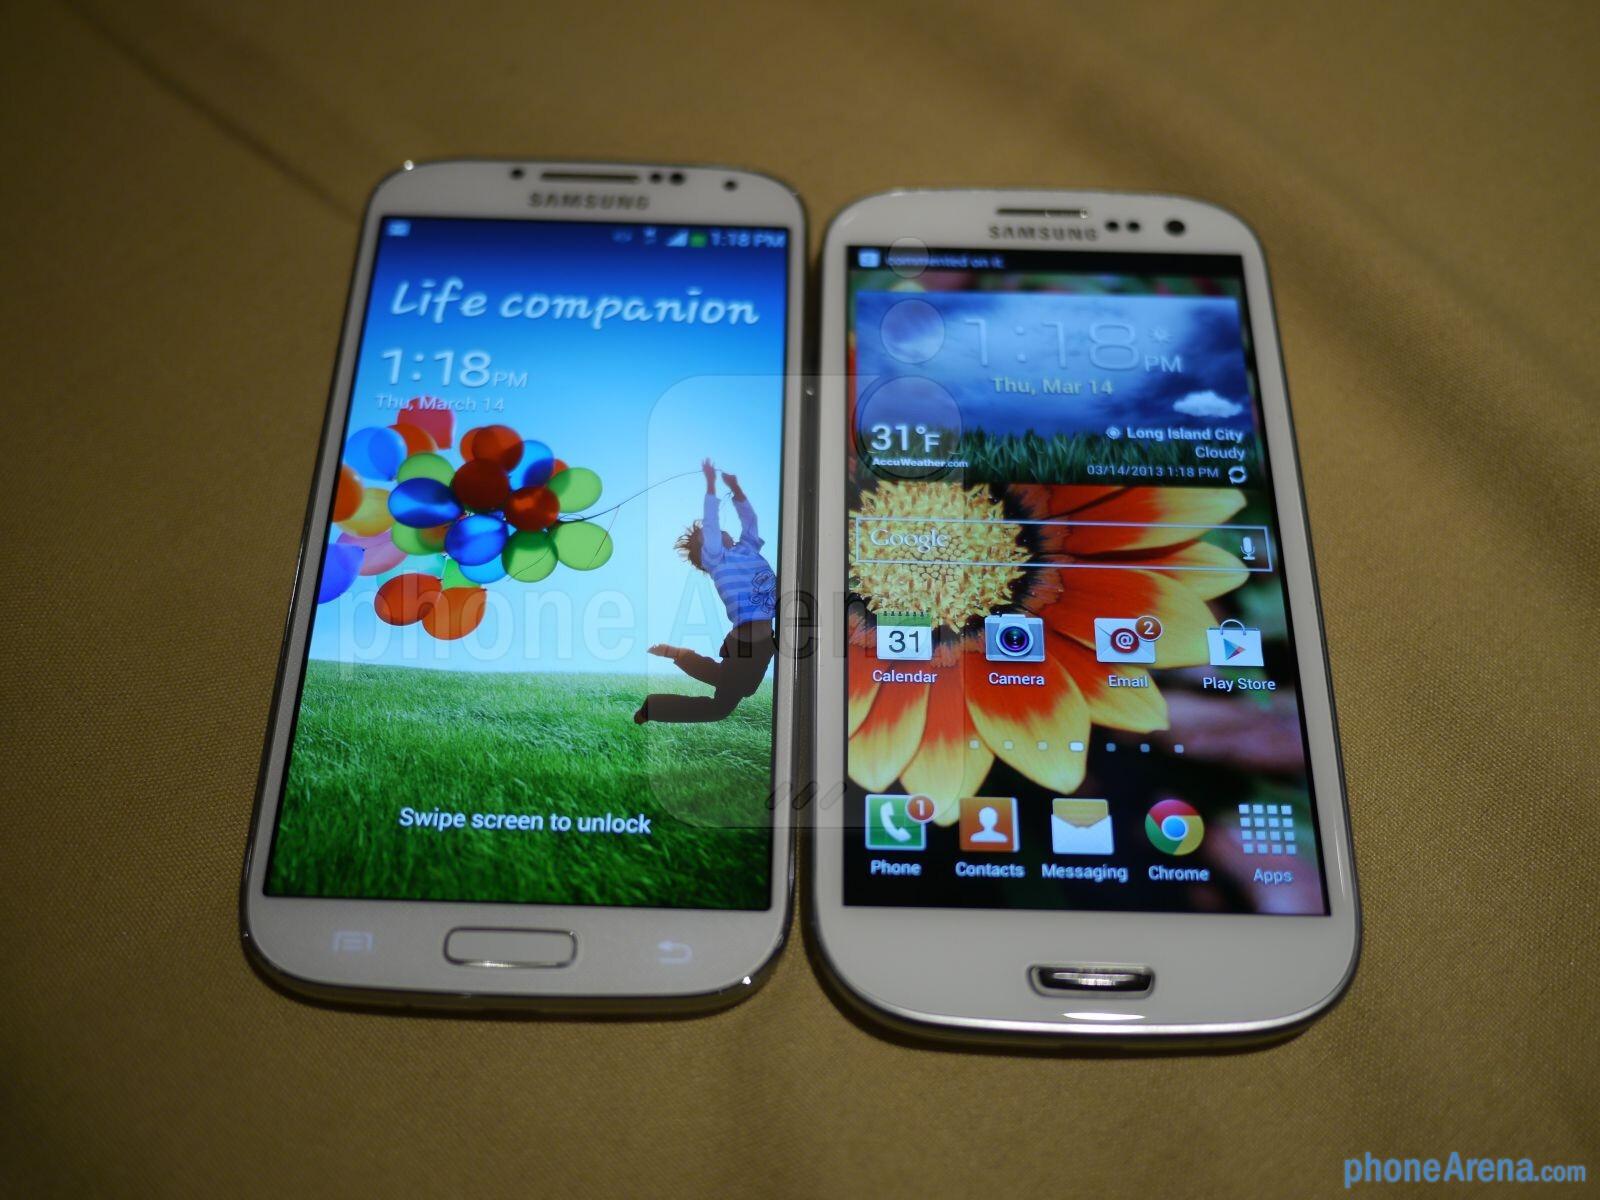 Description: Samsung Galaxy S4 có gì khác với Galaxy S3? 3